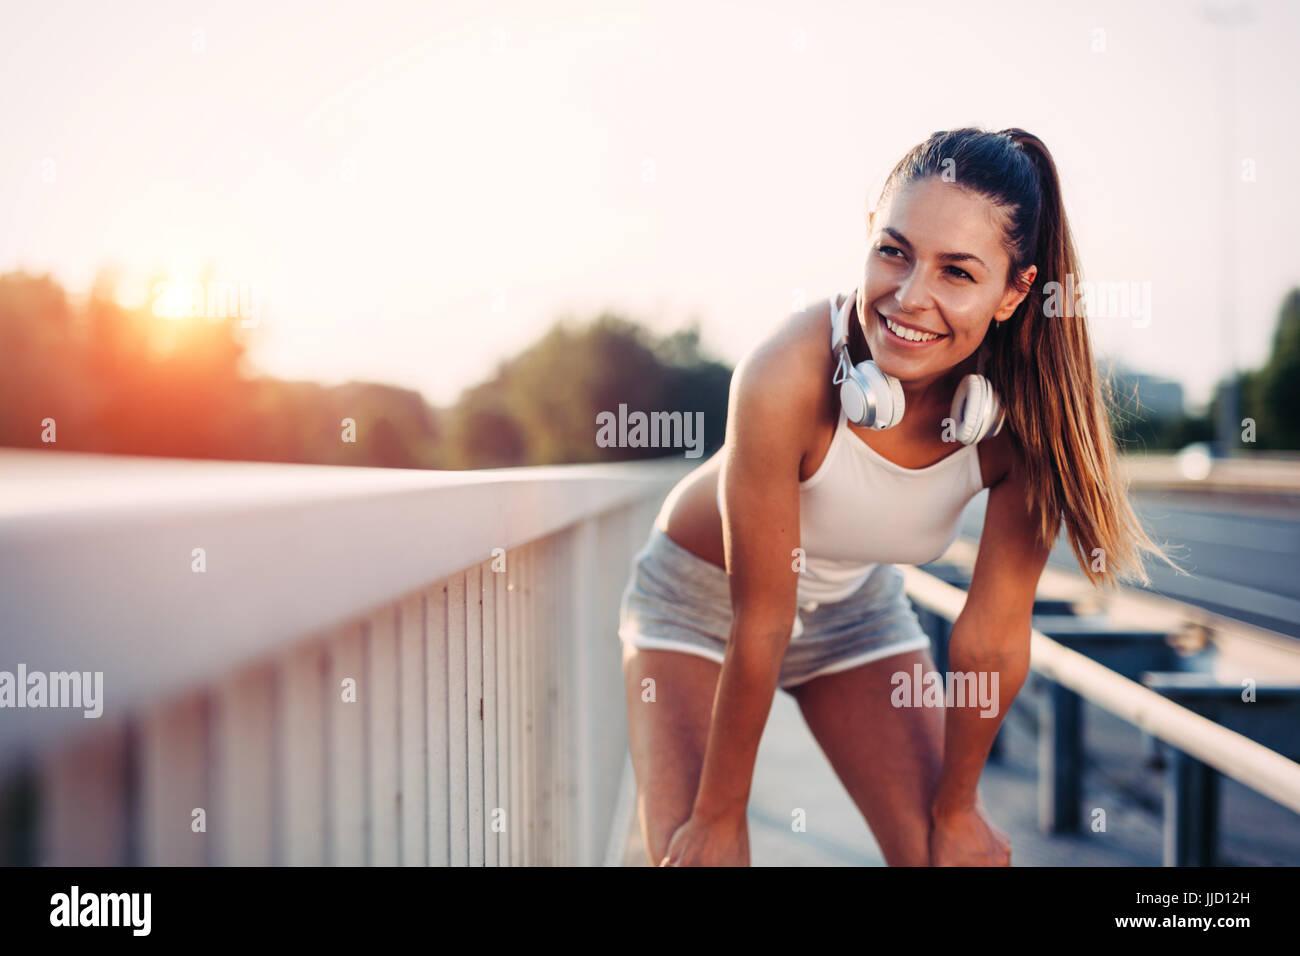 Portrait of woman taking break from jogging - Stock Image